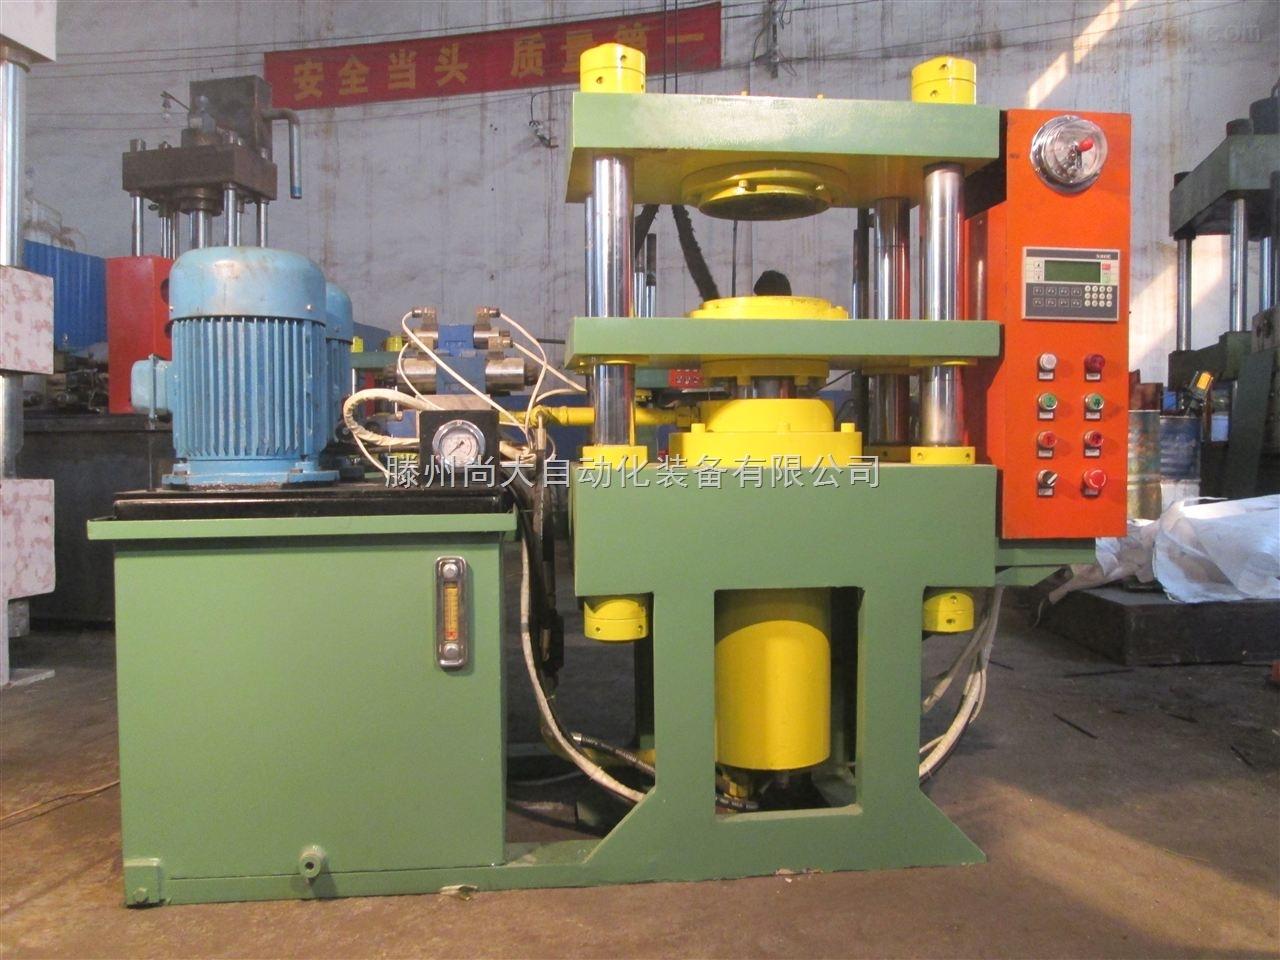 新四柱油压机|质四柱油压机采购|名牌四柱油压机